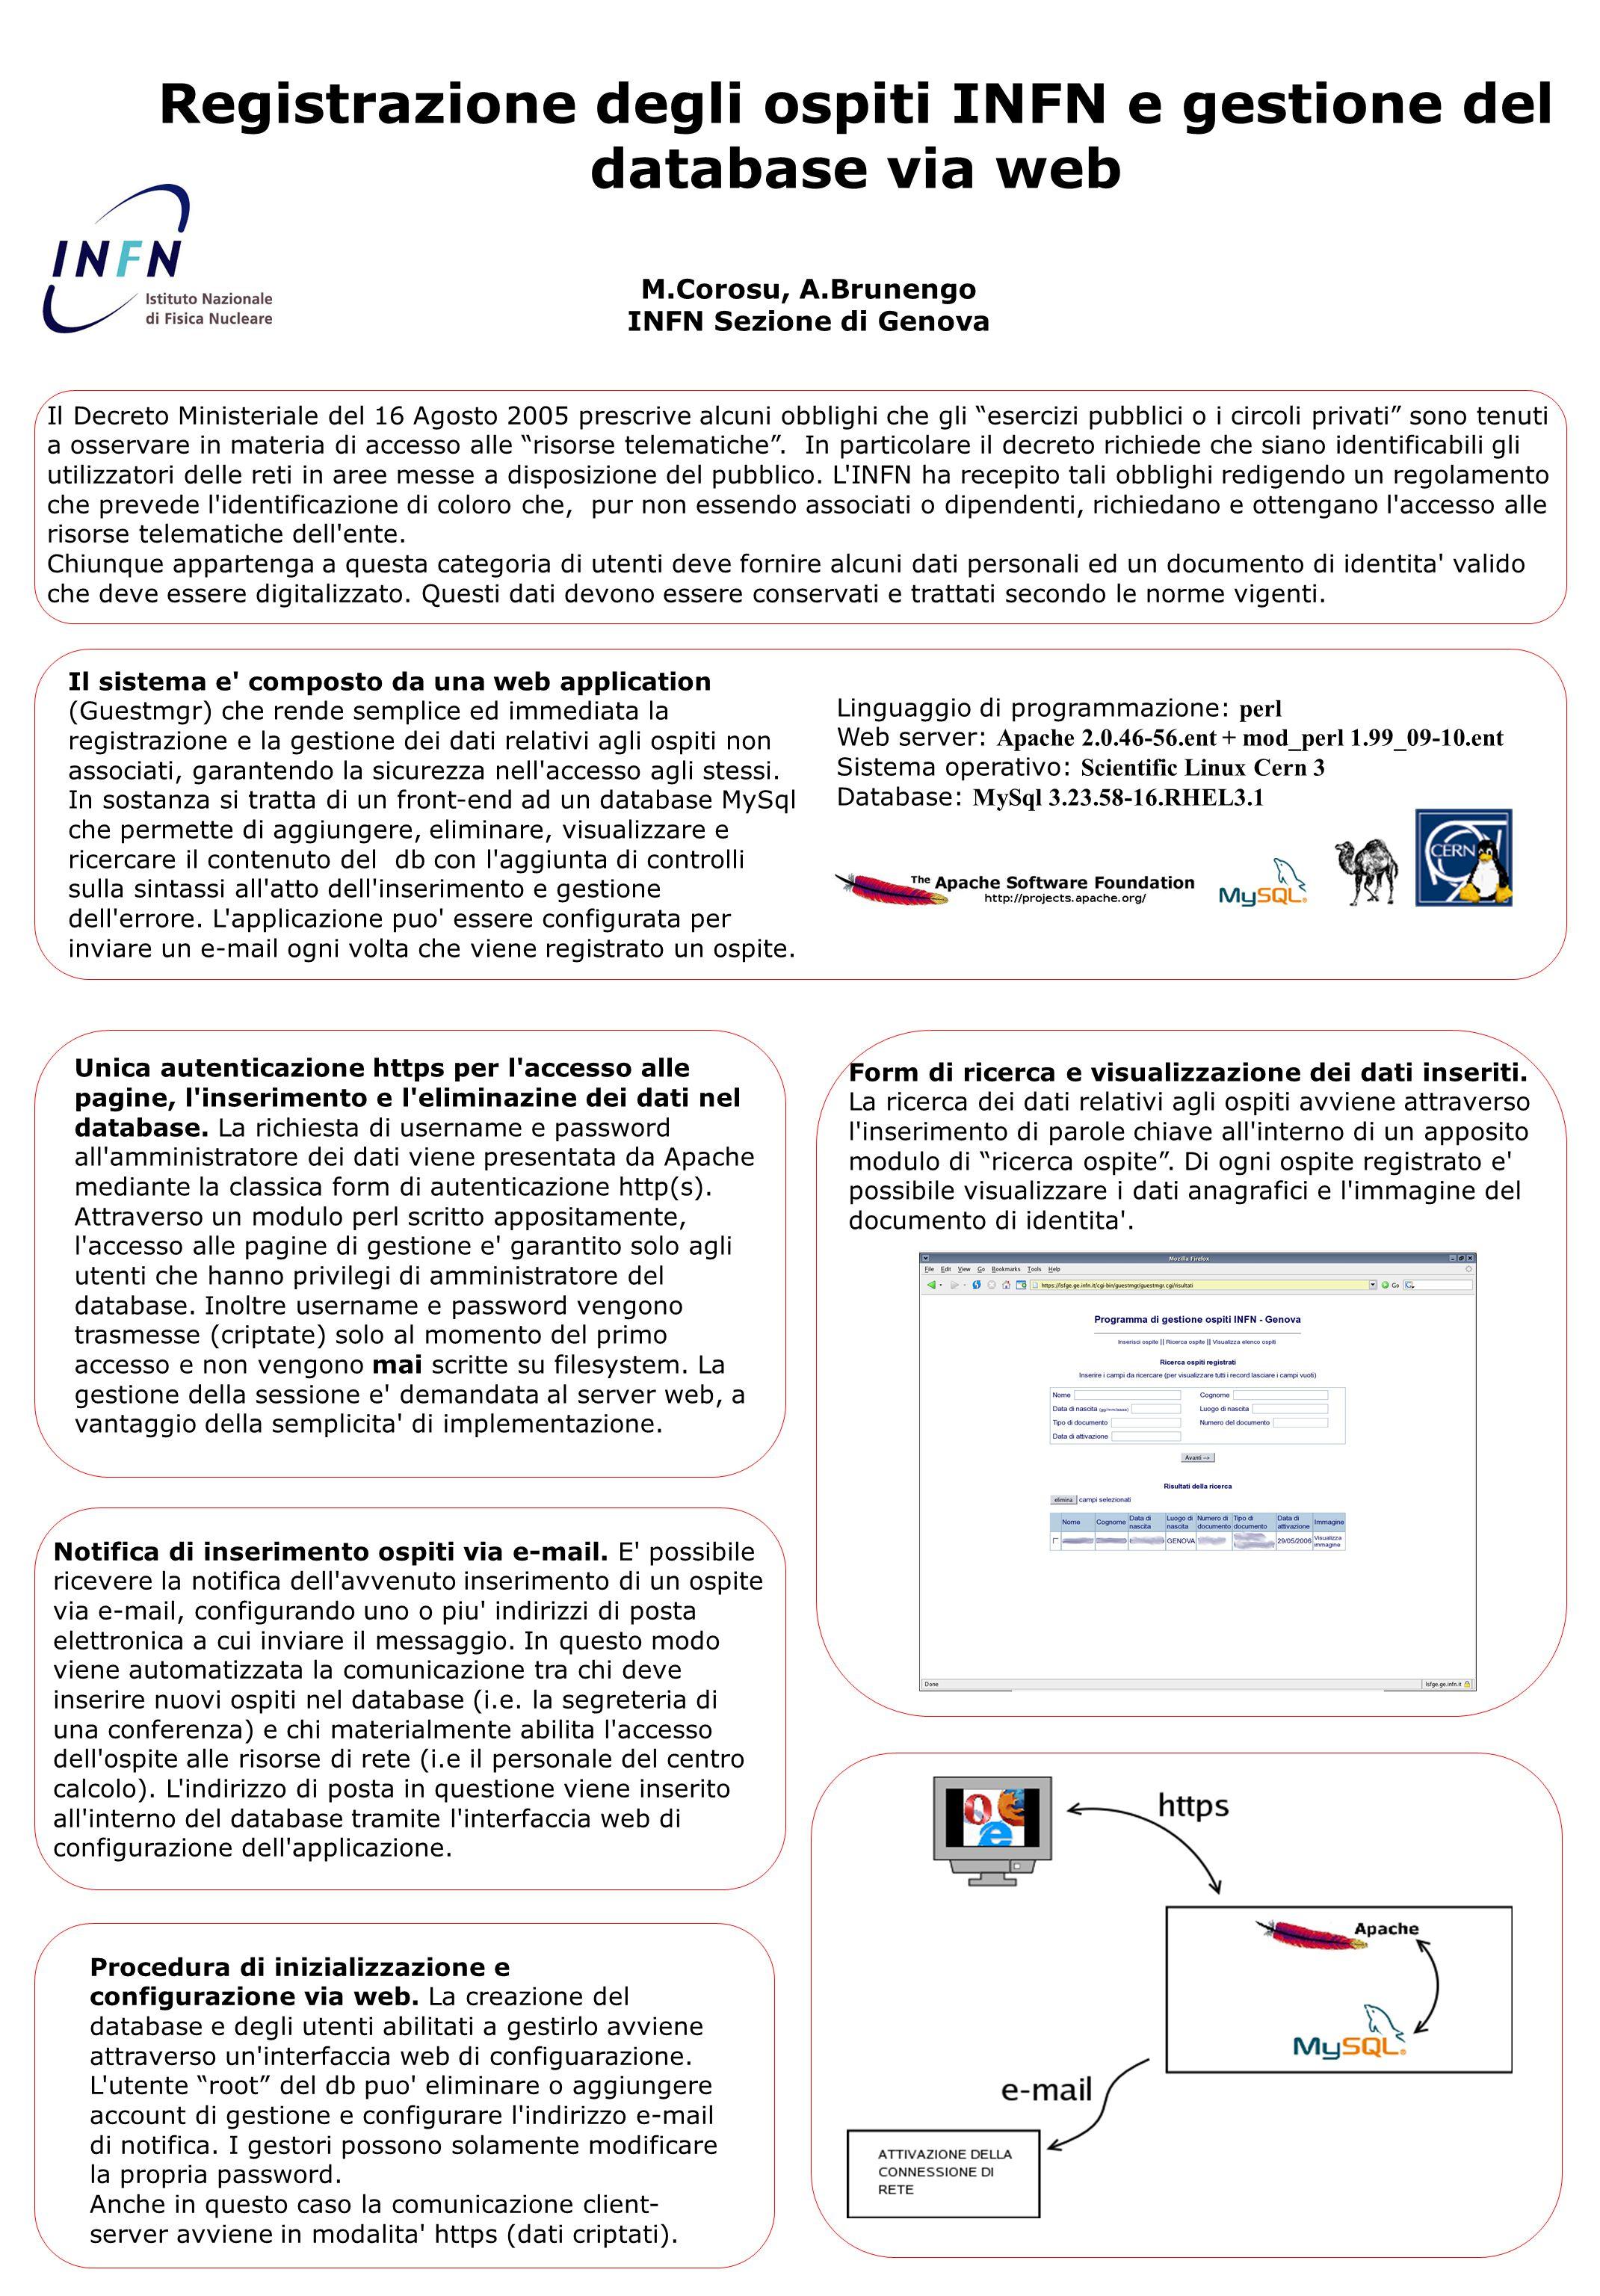 Registrazione degli ospiti INFN e gestione del database via web M.Corosu, A.Brunengo INFN Sezione di Genova Linguaggio di programmazione: perl Web server: Apache 2.0.46-56.ent + mod_perl 1.99_09-10.ent Sistema operativo: Scientific Linux Cern 3 Database: MySql 3.23.58-16.RHEL3.1 Unica autenticazione https per l accesso alle pagine, l inserimento e l eliminazine dei dati nel database.